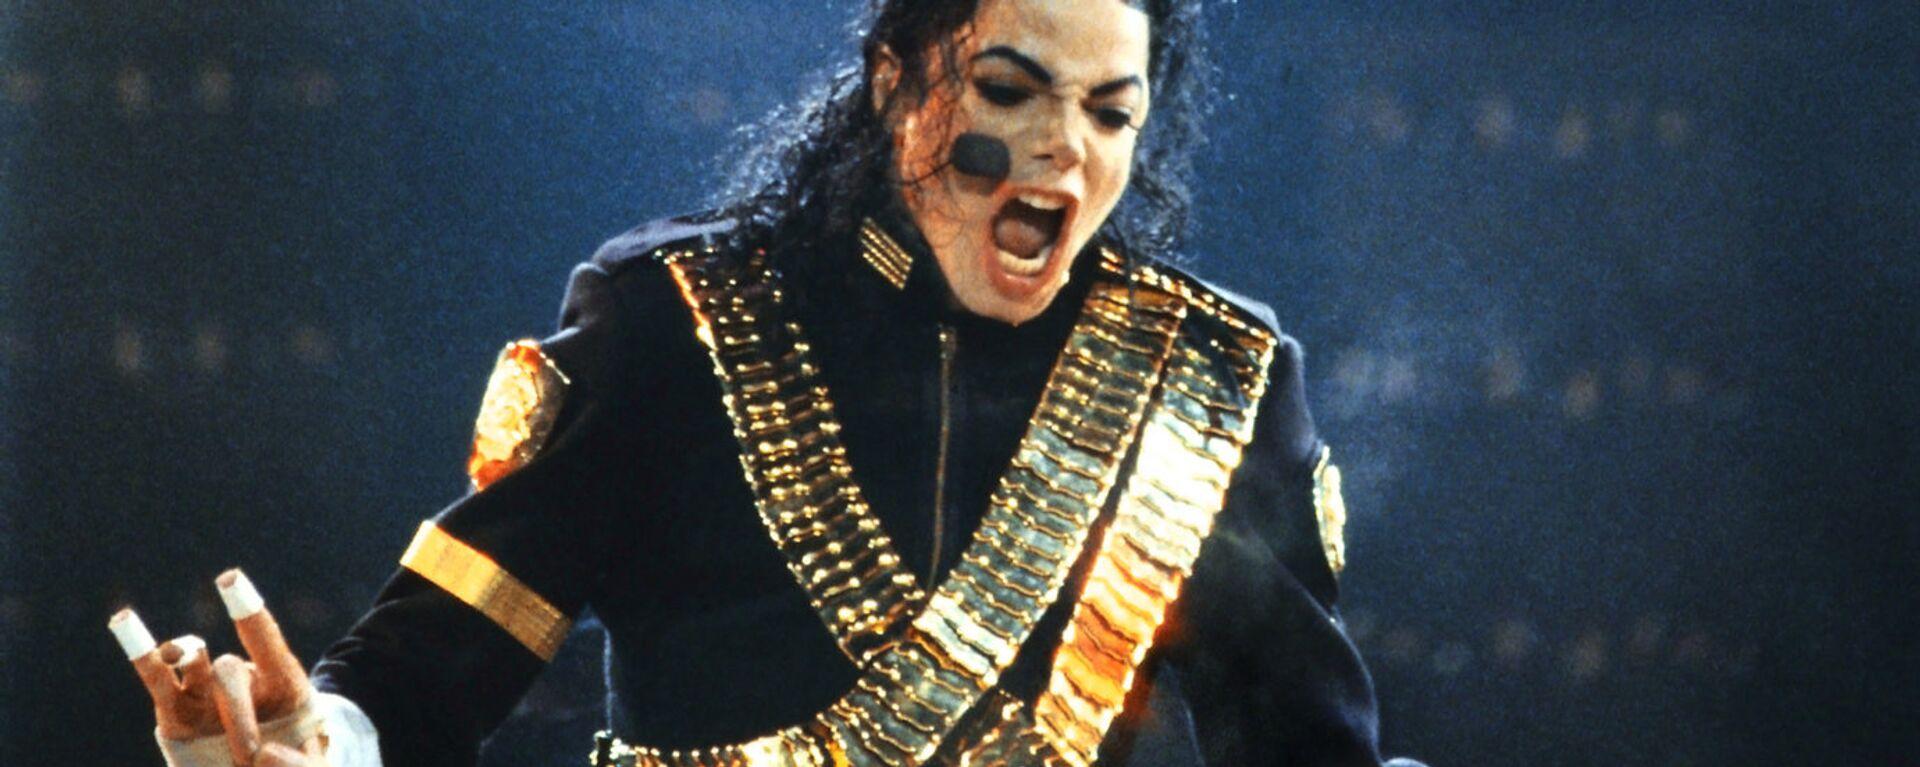 Концерт американского певца Майкла Джексона в Москве - Sputnik Беларусь, 1920, 25.12.2020